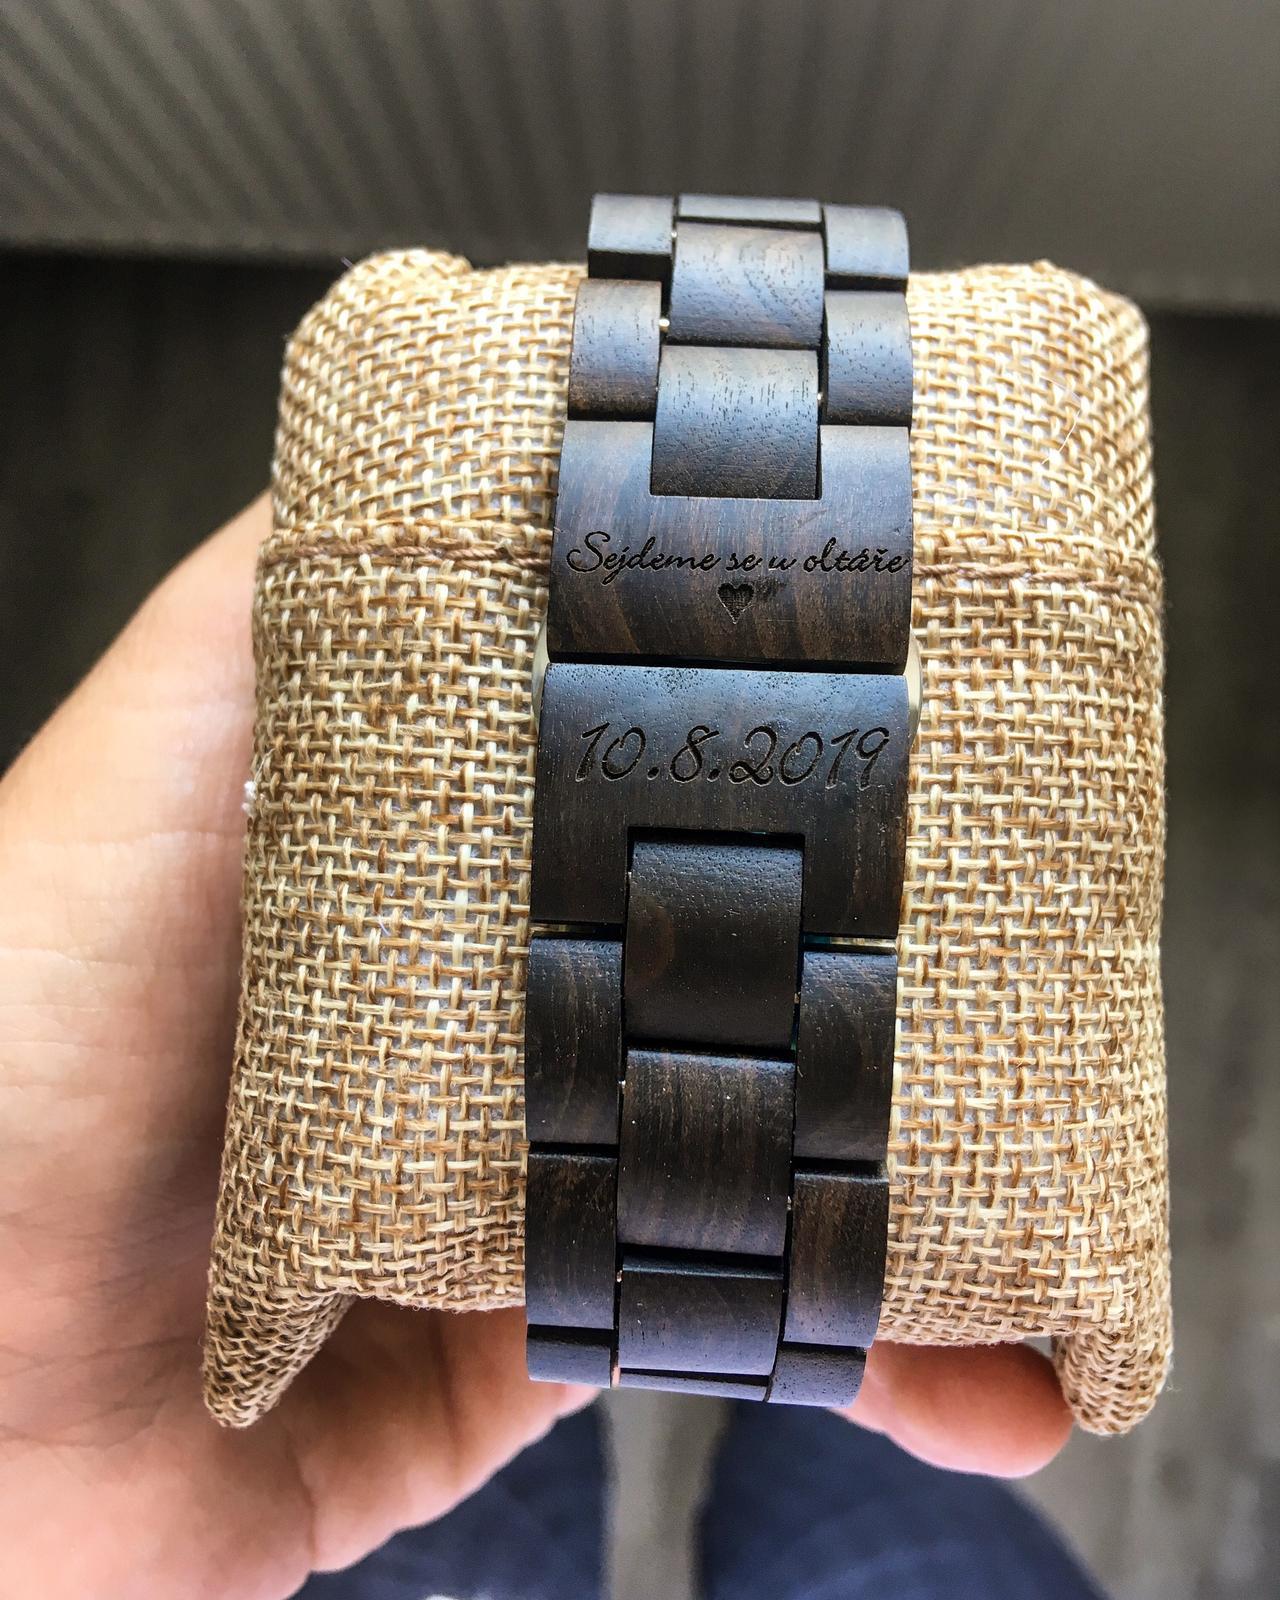 Svatební doplňky - dřevěné hodinky, náramky či brýle s vlastním gravírováním od WoodHood - WoodHood - dřevěné hodinky s vlastním gravírováním aneb Sejdeme se u oltáře